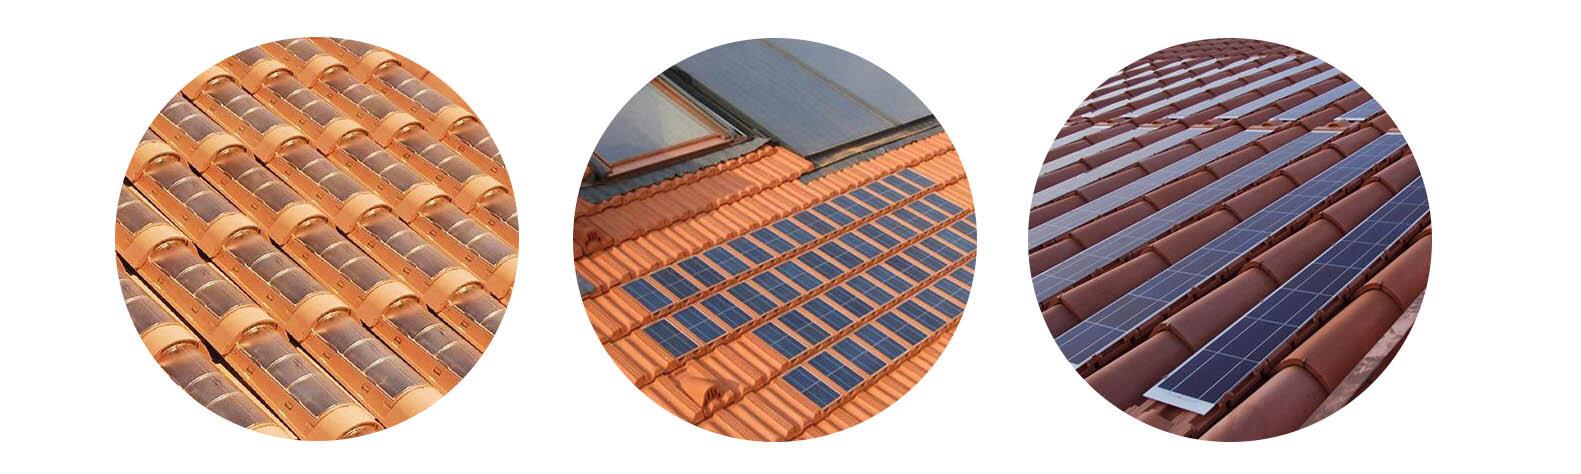 Telhado Sustentável. Conheça as telhas que produzem energia solar 1.jpg